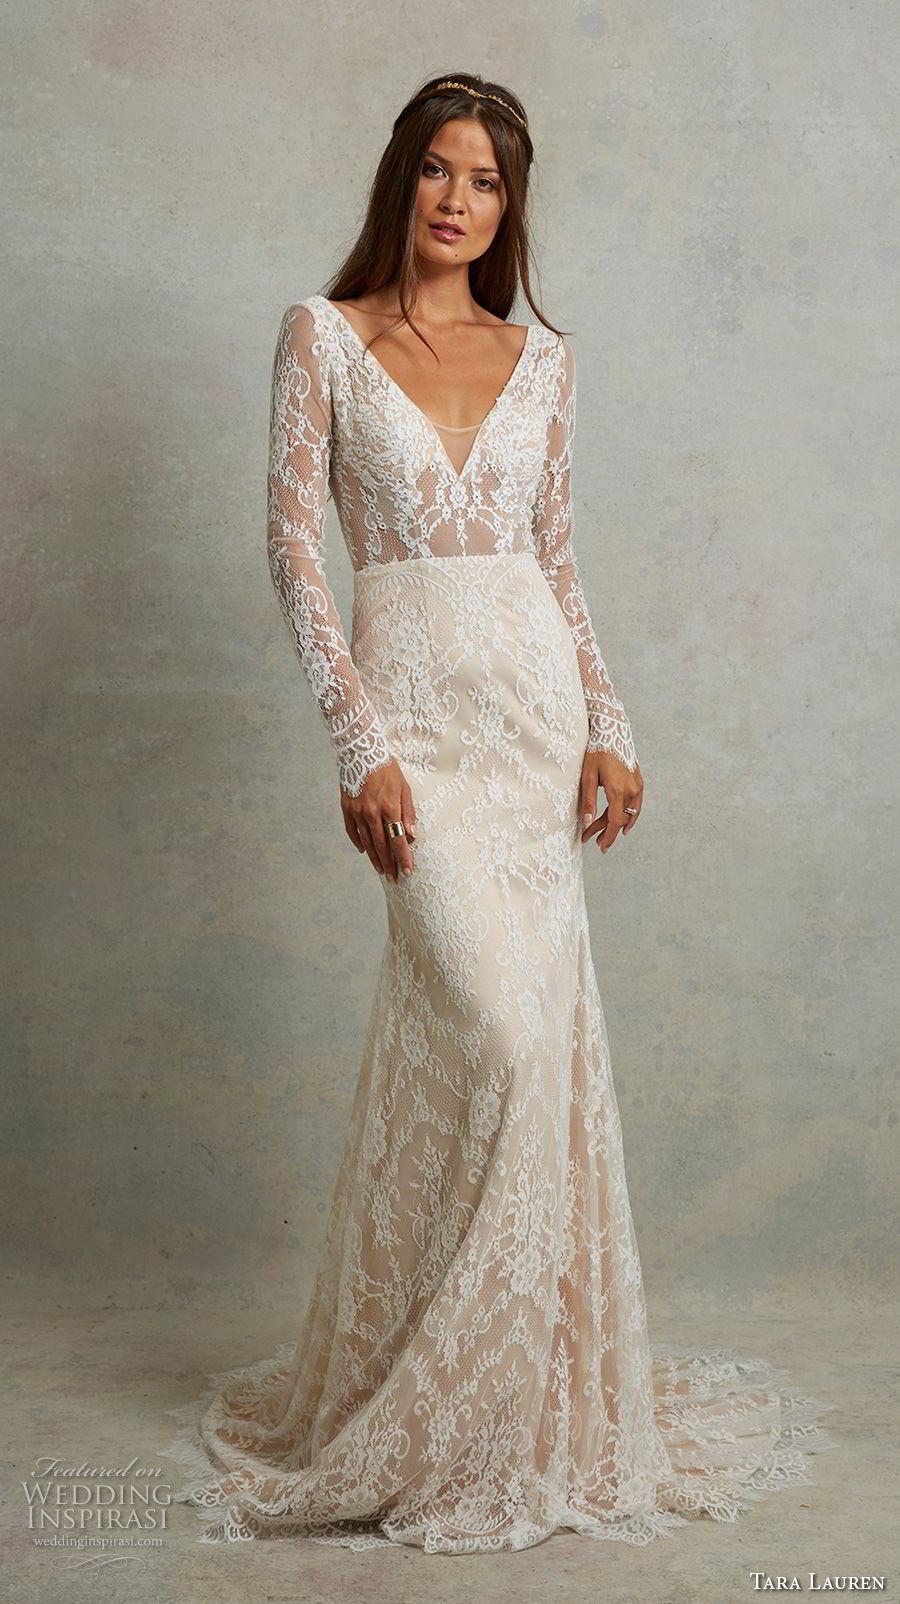 tara lauren spring 2018 bridal long sleeves deep v neck full embellishment elegant fit and flare wedding dress open v back sweep train (1) mv